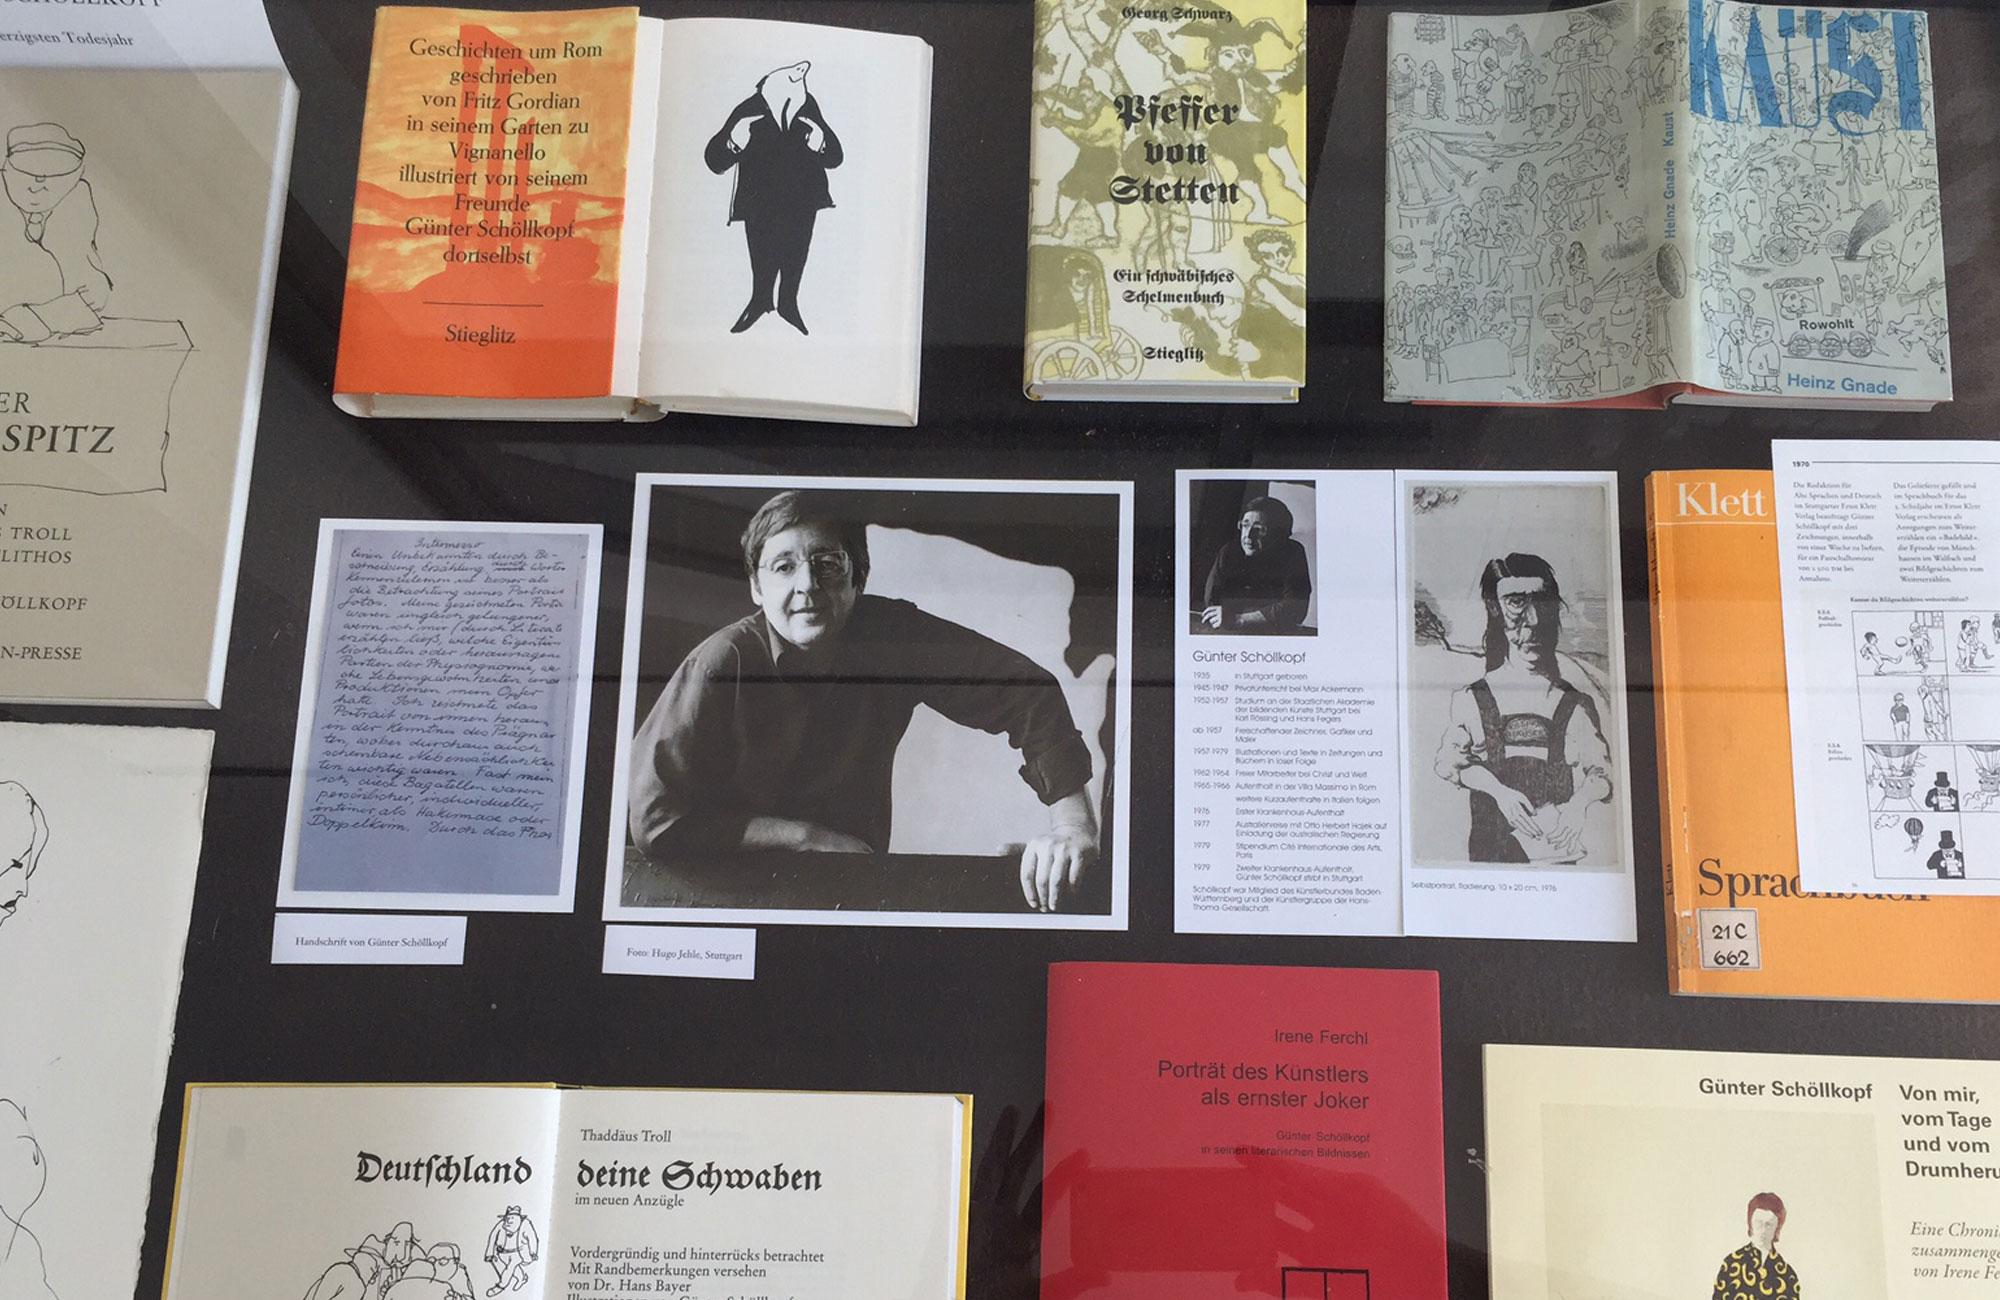 Günter Schöllkopf: Nr. 19: Literatur Schaufenster. Bücher & Autoren, die wir nicht vergessen wollen, Montag, 24.06.19                      -                          Freitag, 27.09.19